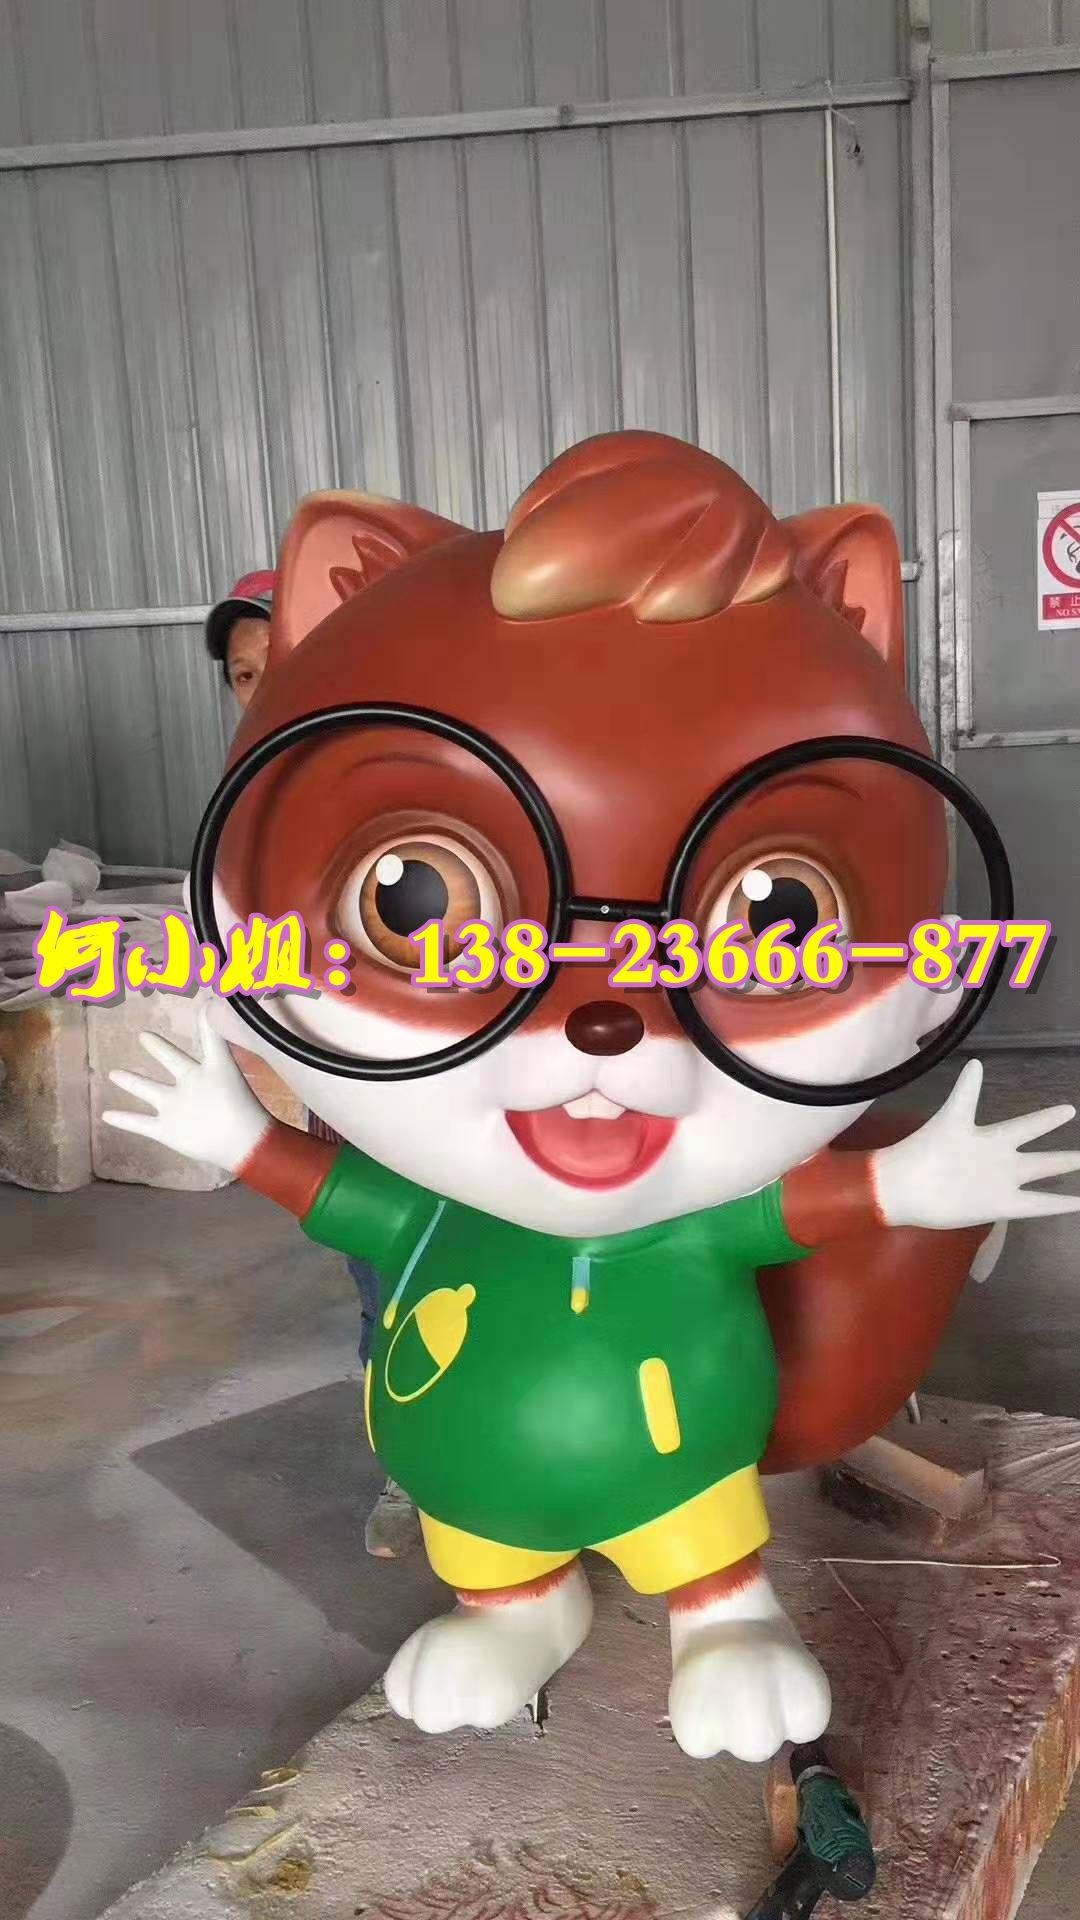 坚果干果品牌旗舰店三只松鼠雕塑模型玻璃钢动漫卡通形象参展展品